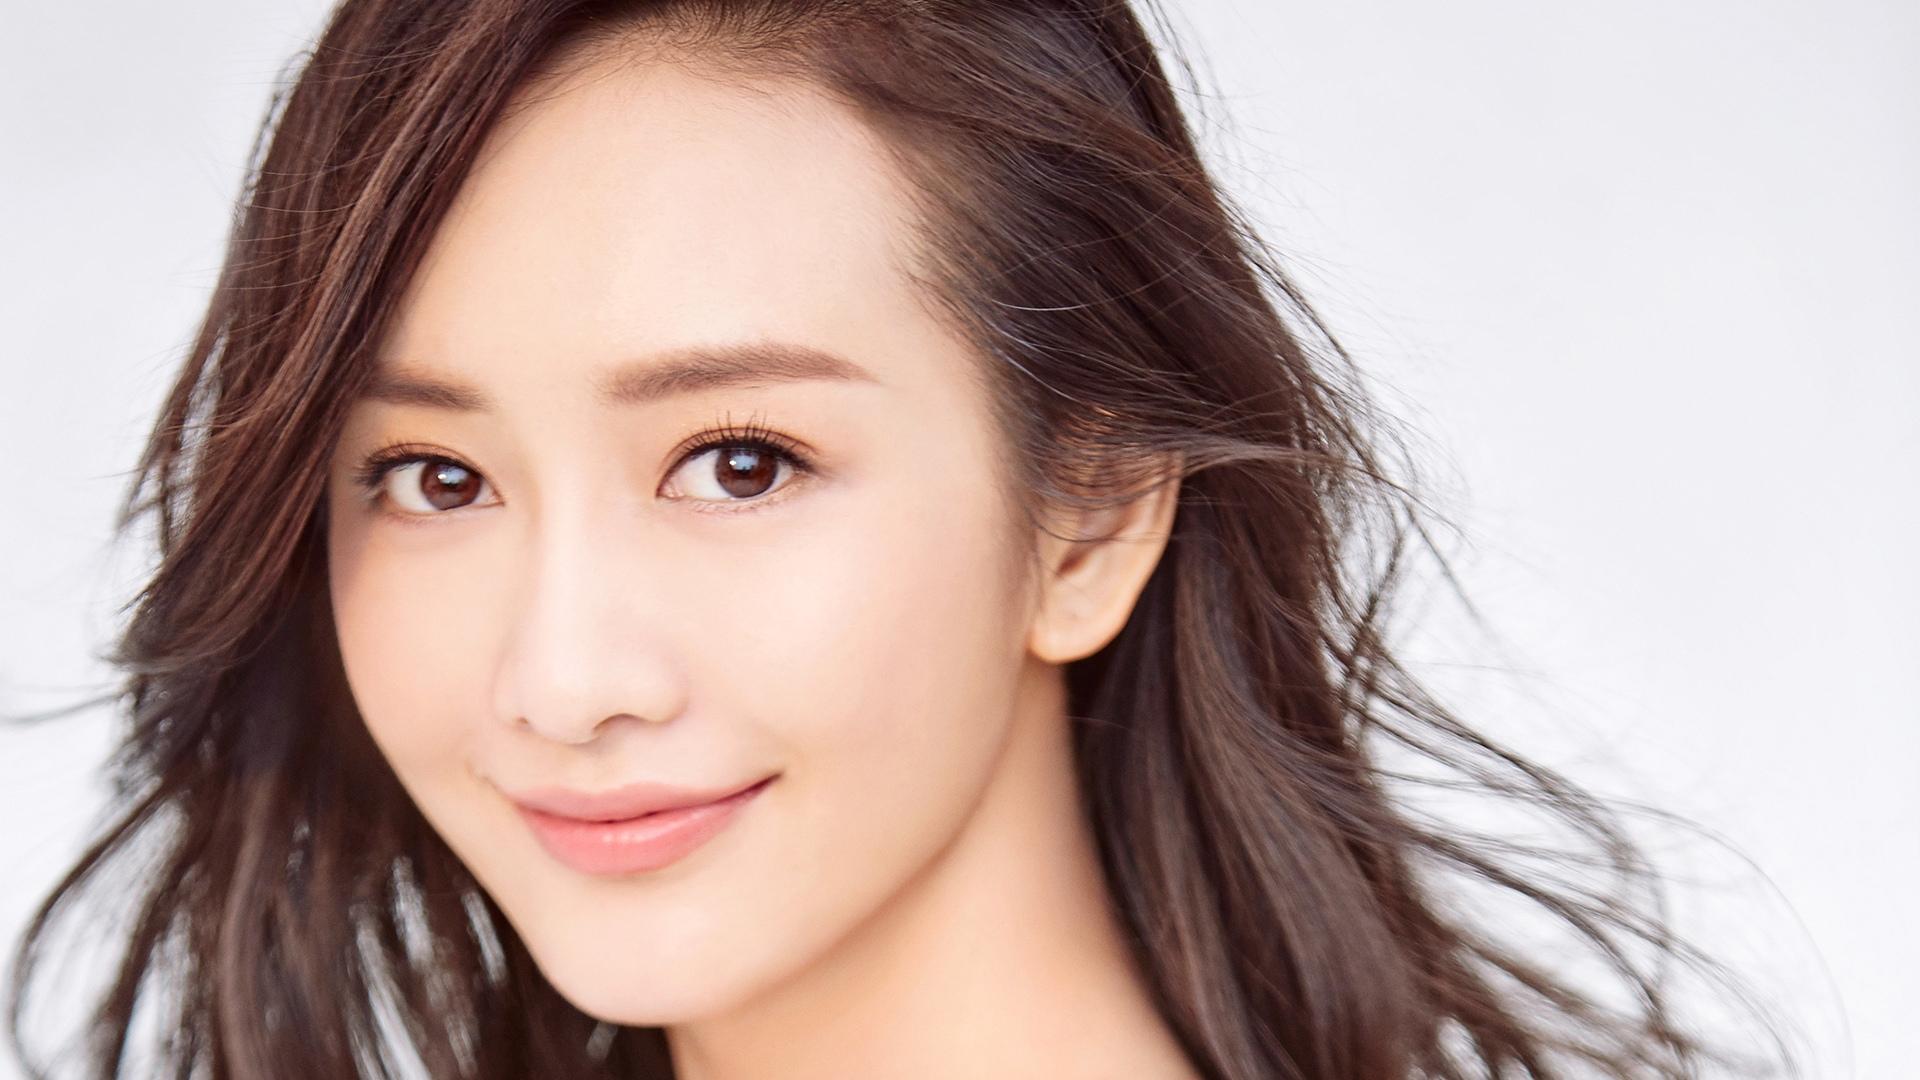 王鸥照片被做美容整形宣传 找律师起诉获赔5万元